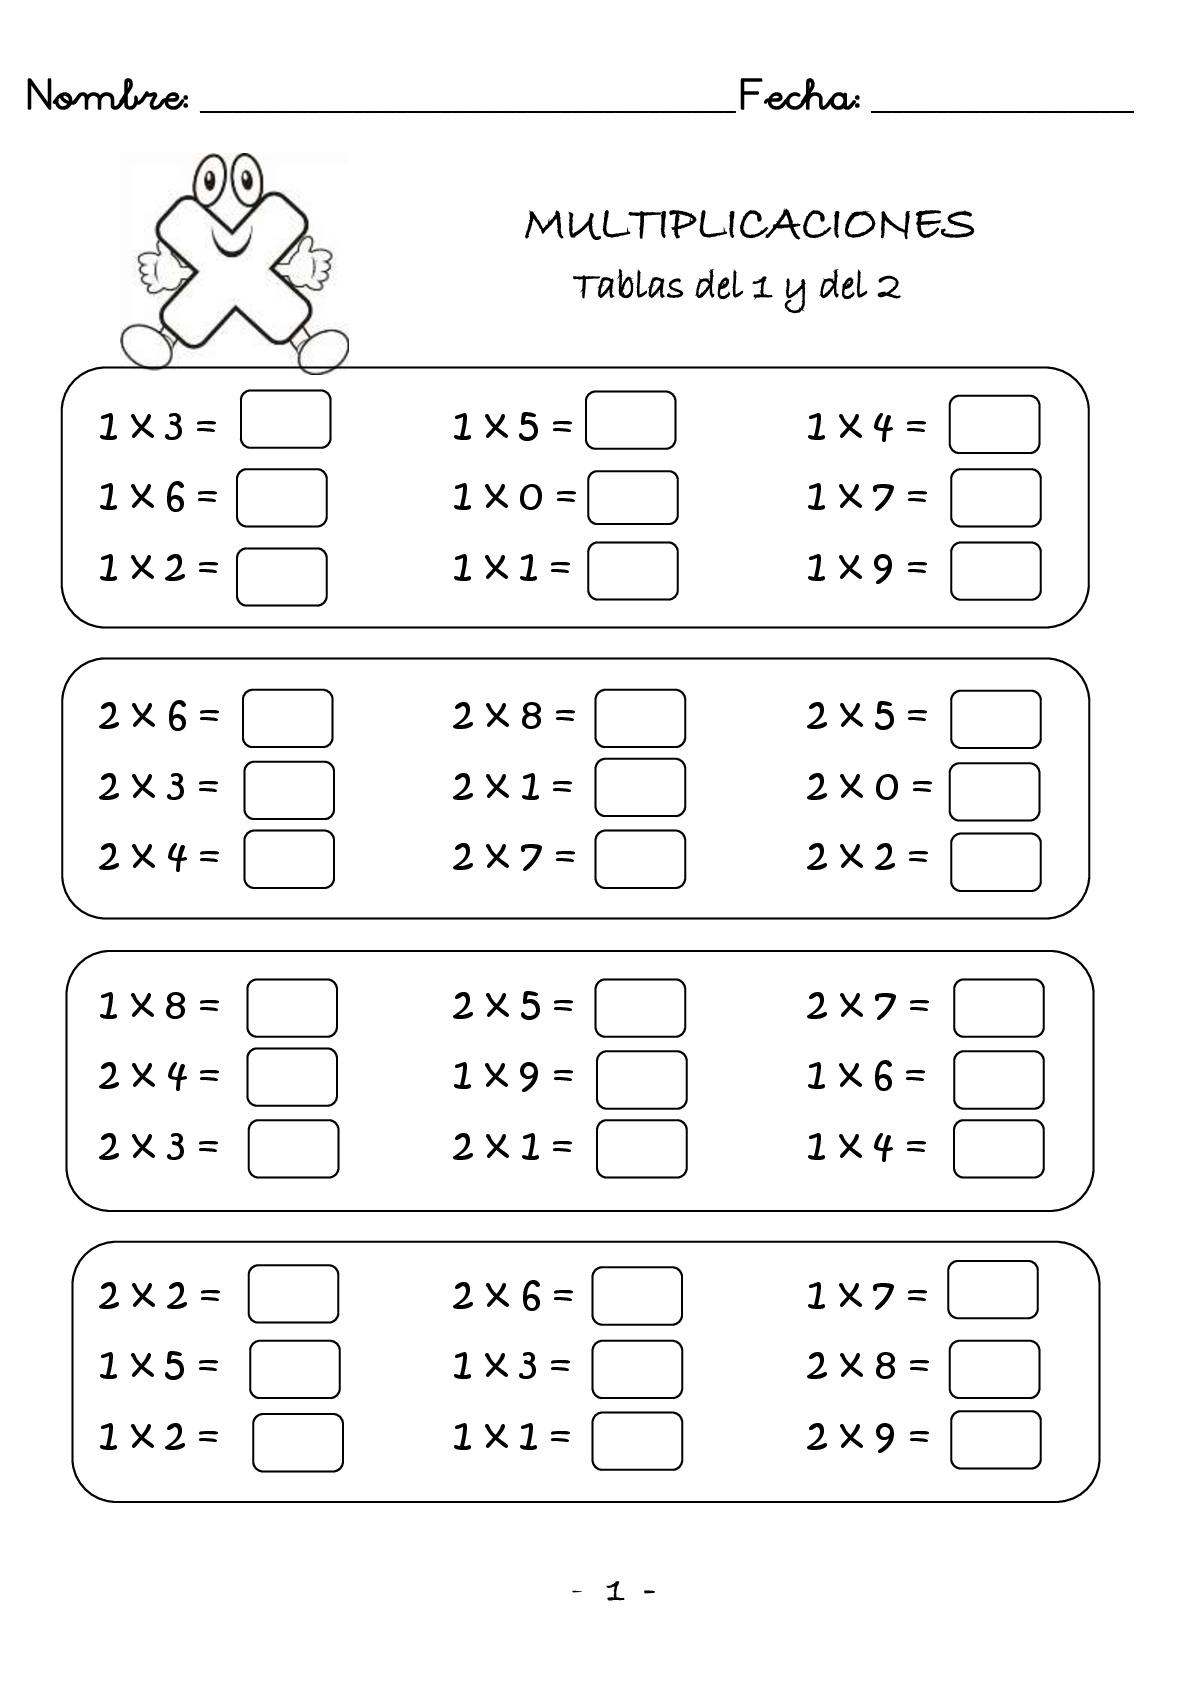 multiplicaciones-rapidas-una-cifra-protegido-002